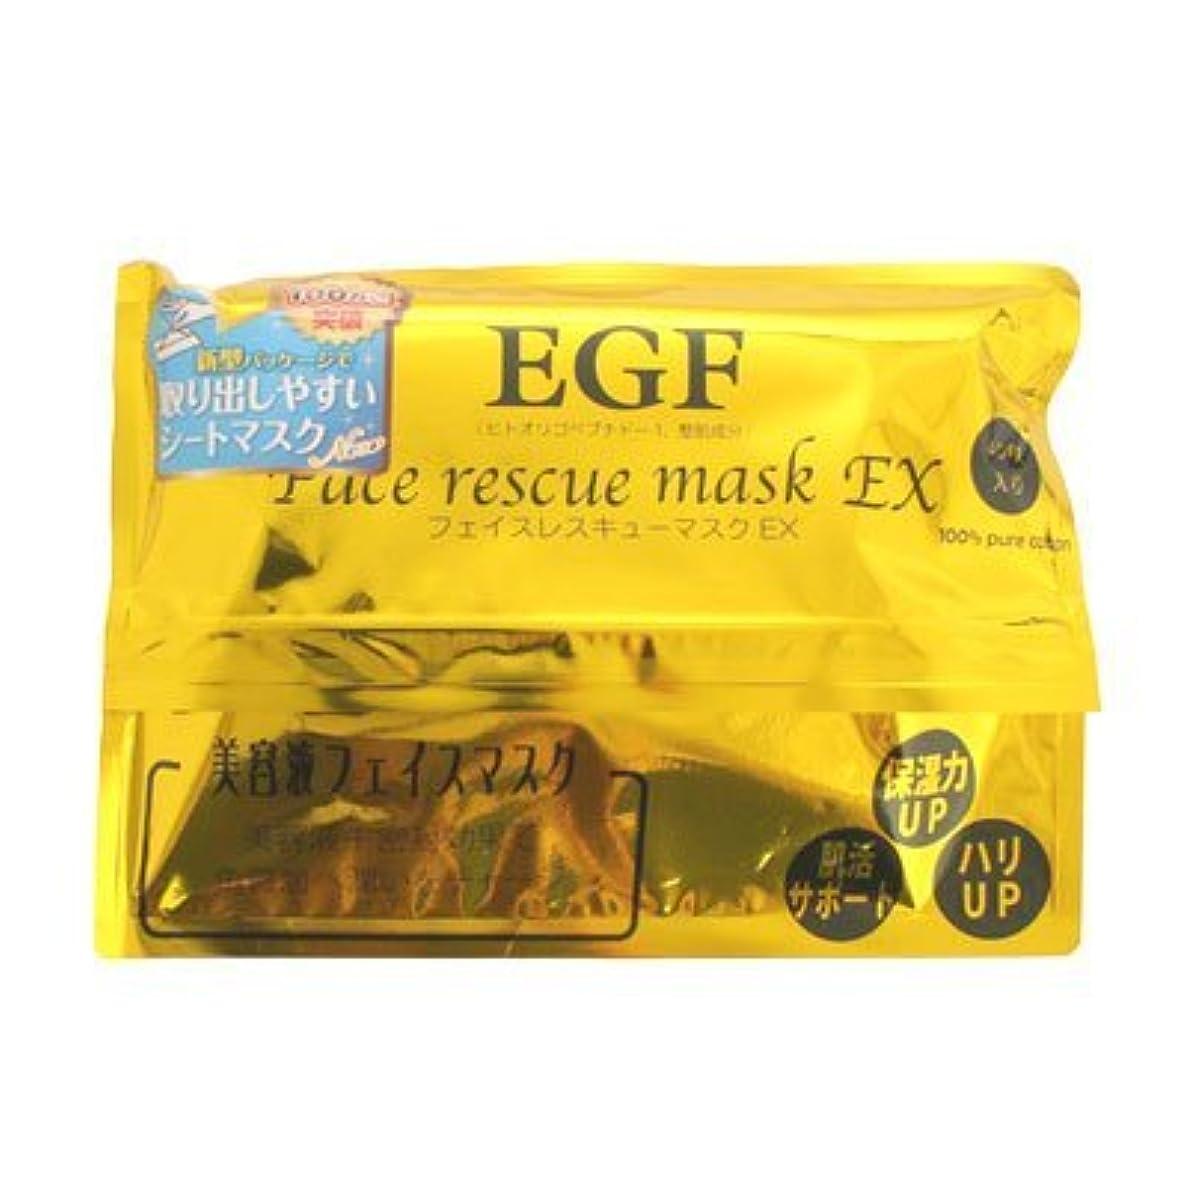 感謝けん引かすれたEGF フェイス レスキュー マスク EX (40枚入り)